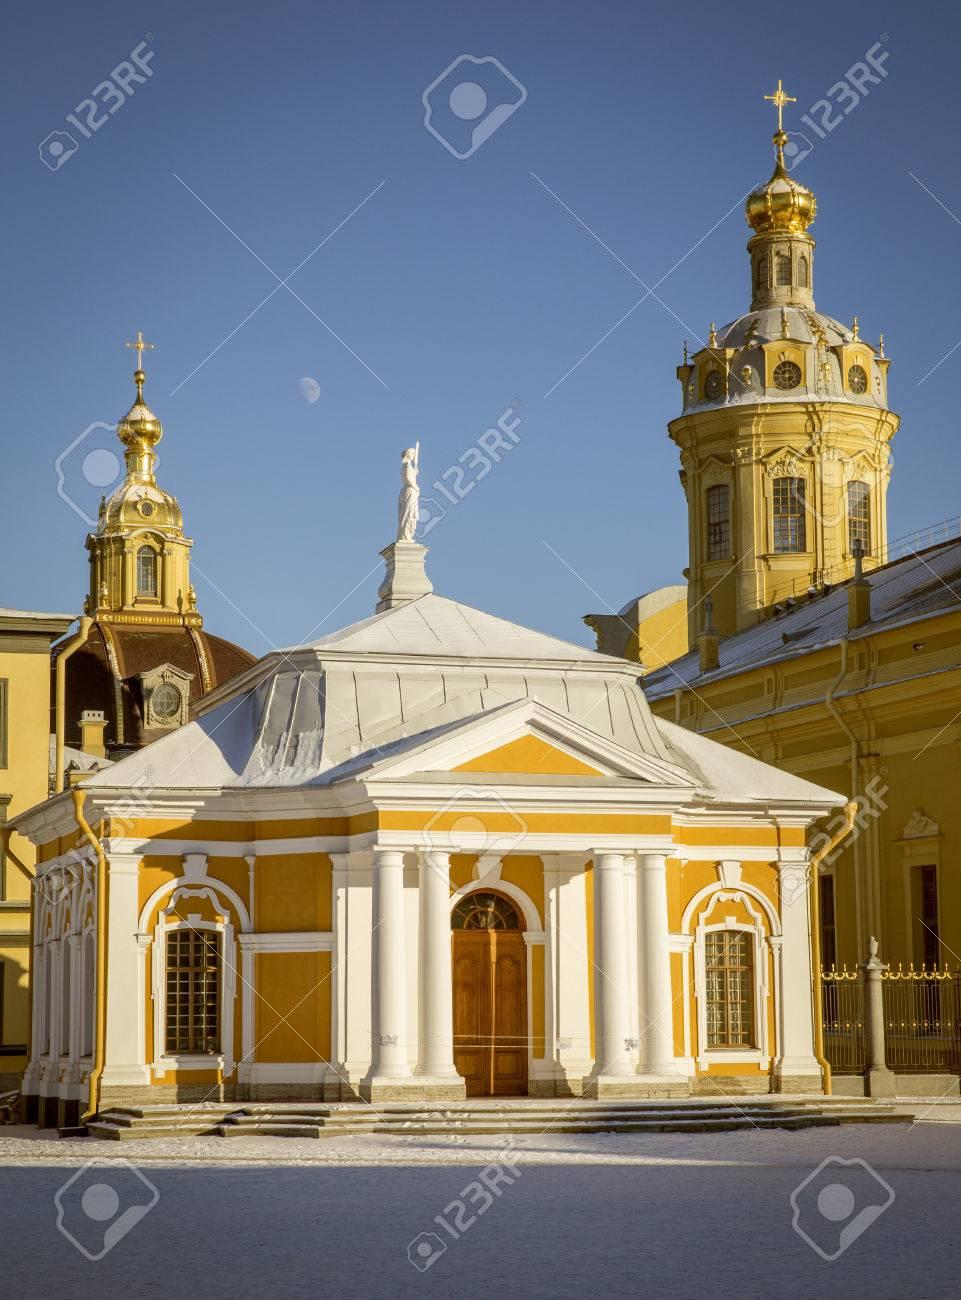 写真素材 , 教会のピーターおよびポールの要塞, サンクトペテルブルク, ロシアの建物